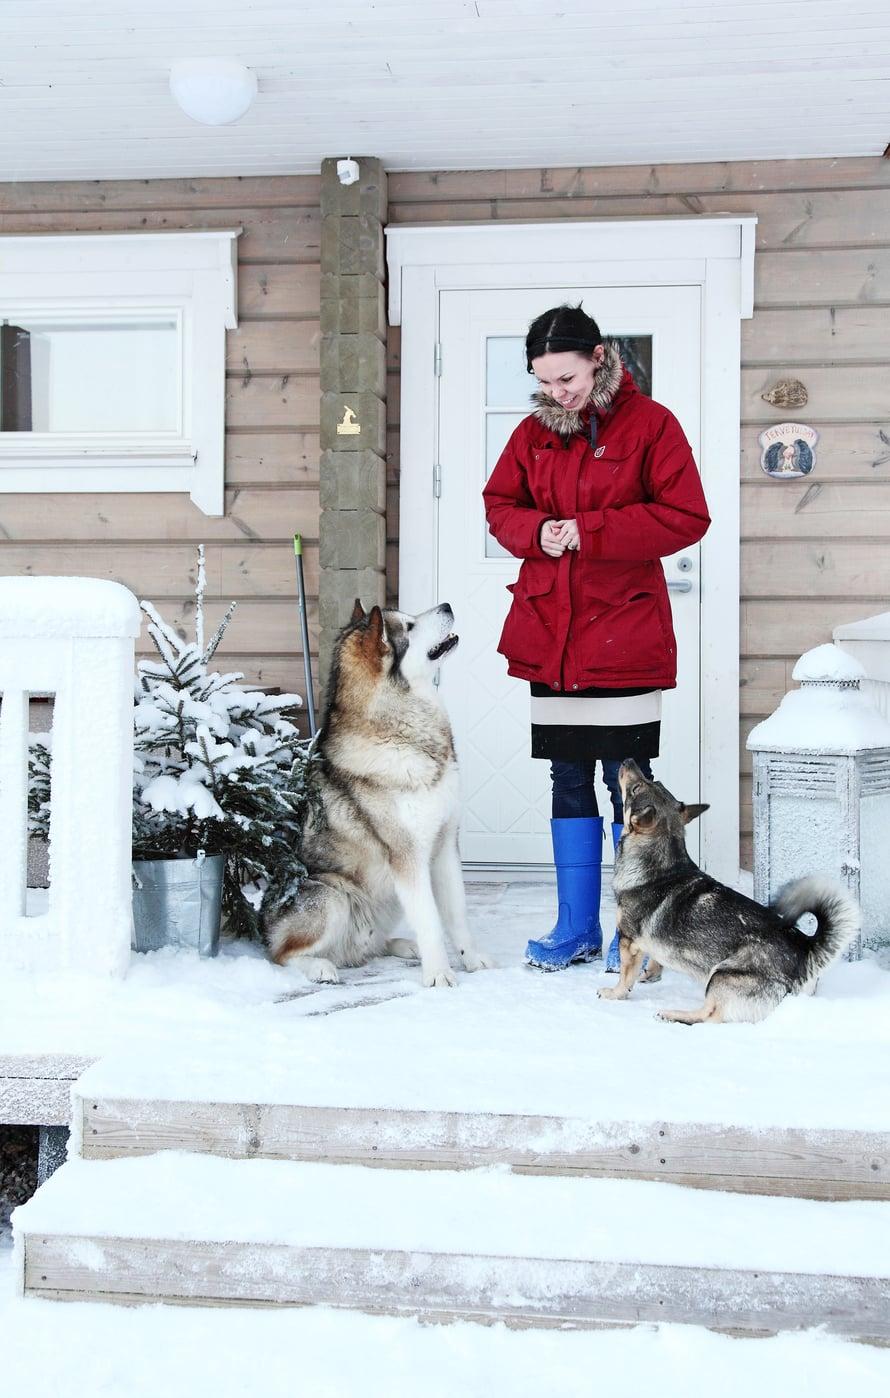 Tarja Leponiemi, alaskanmalamuutti Juri ja länsigöötanmaanpystykorva Helmi nauttivat talvesta.